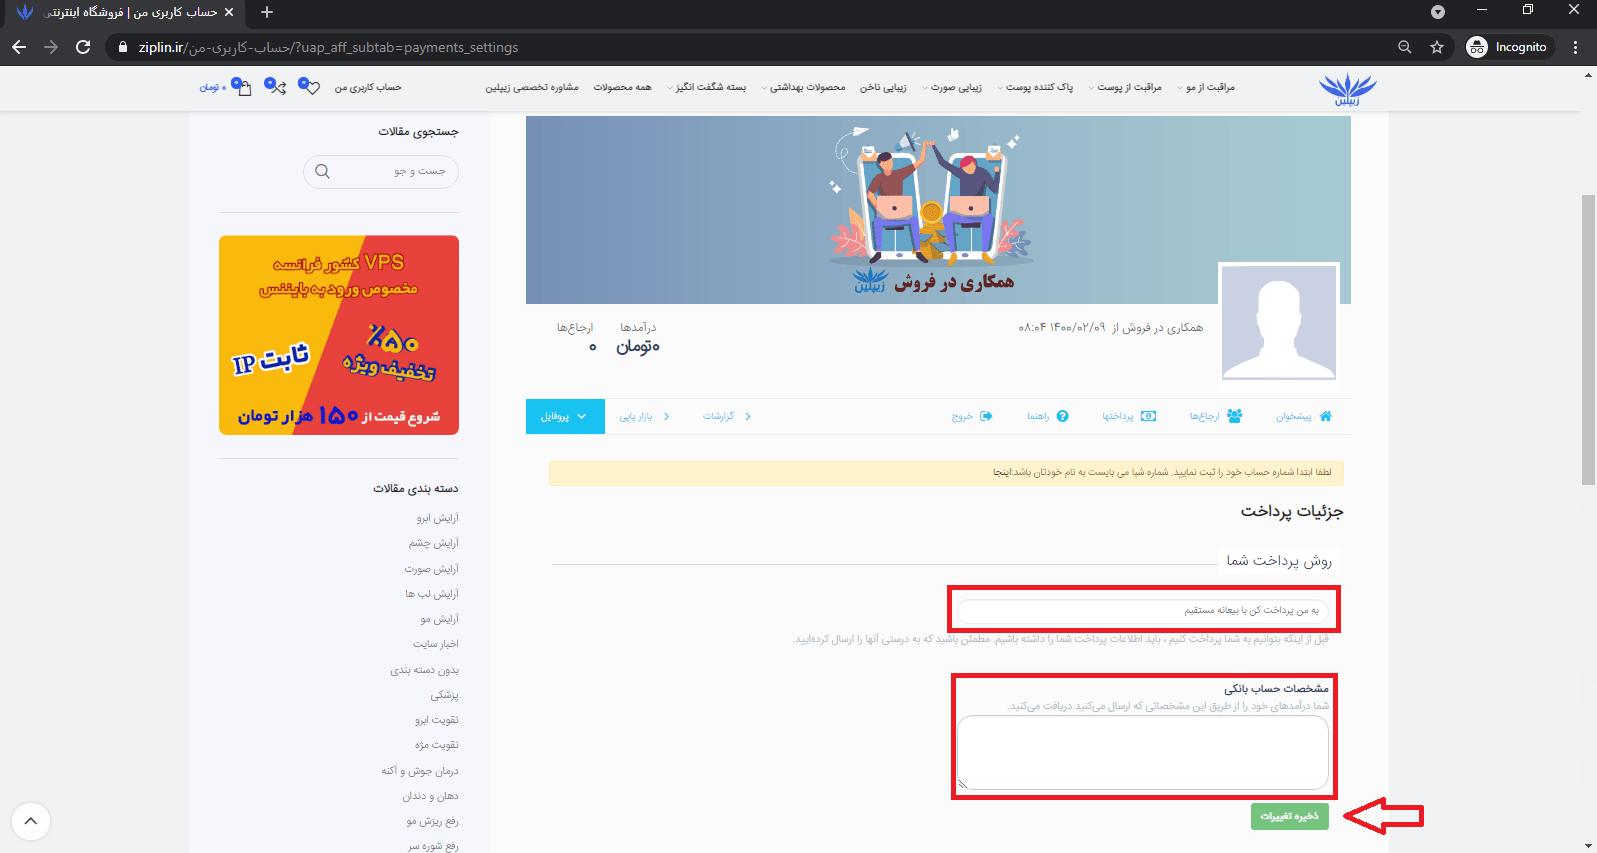 صفحه اطلاعات حساب در پنل همکاری در فروش